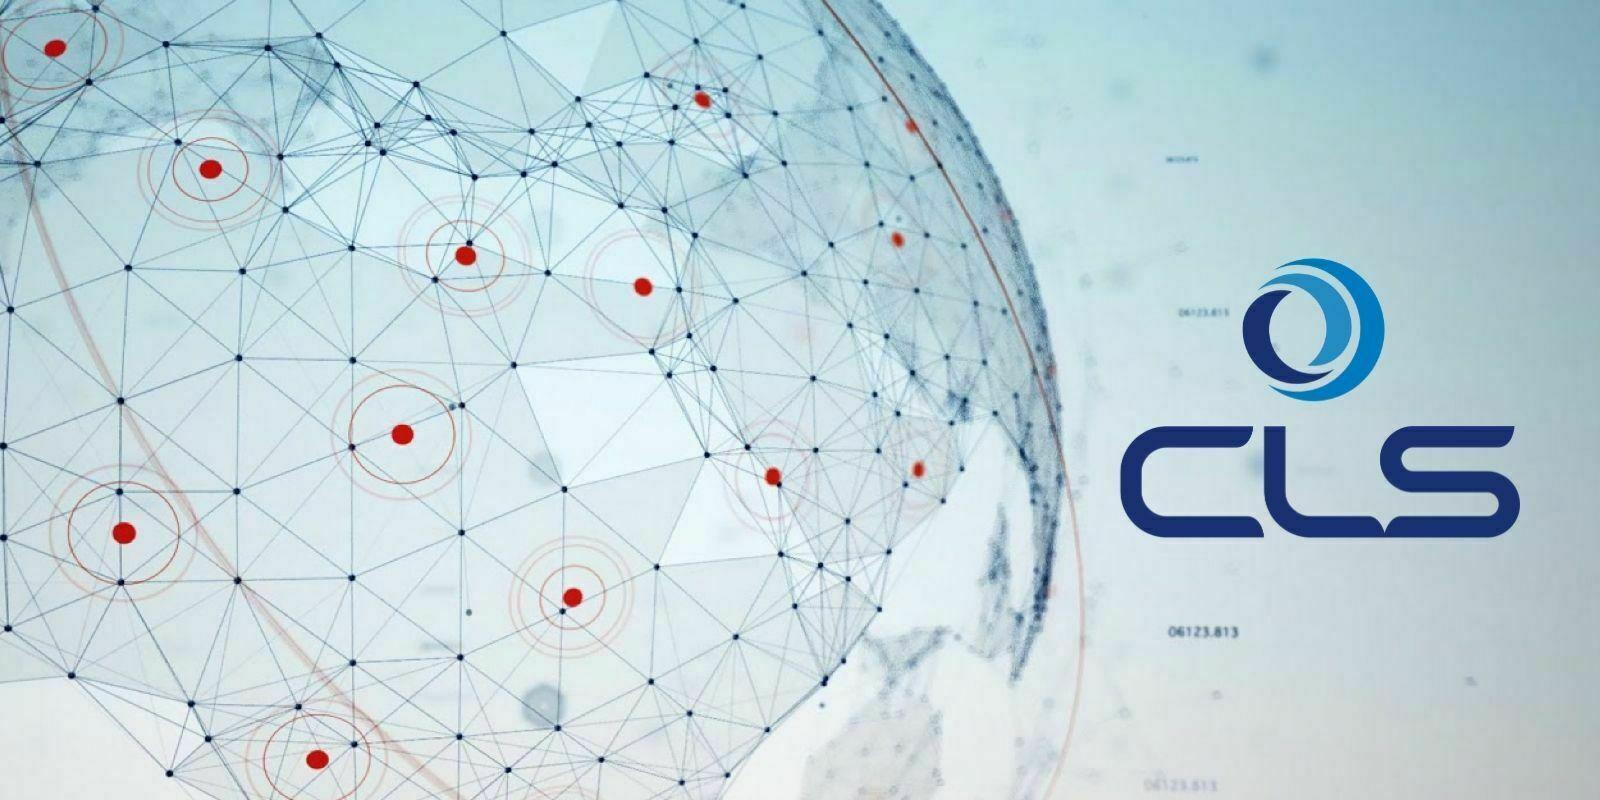 BNP Paribas rejoint le service de netting de CLS propulsé par la blockchain